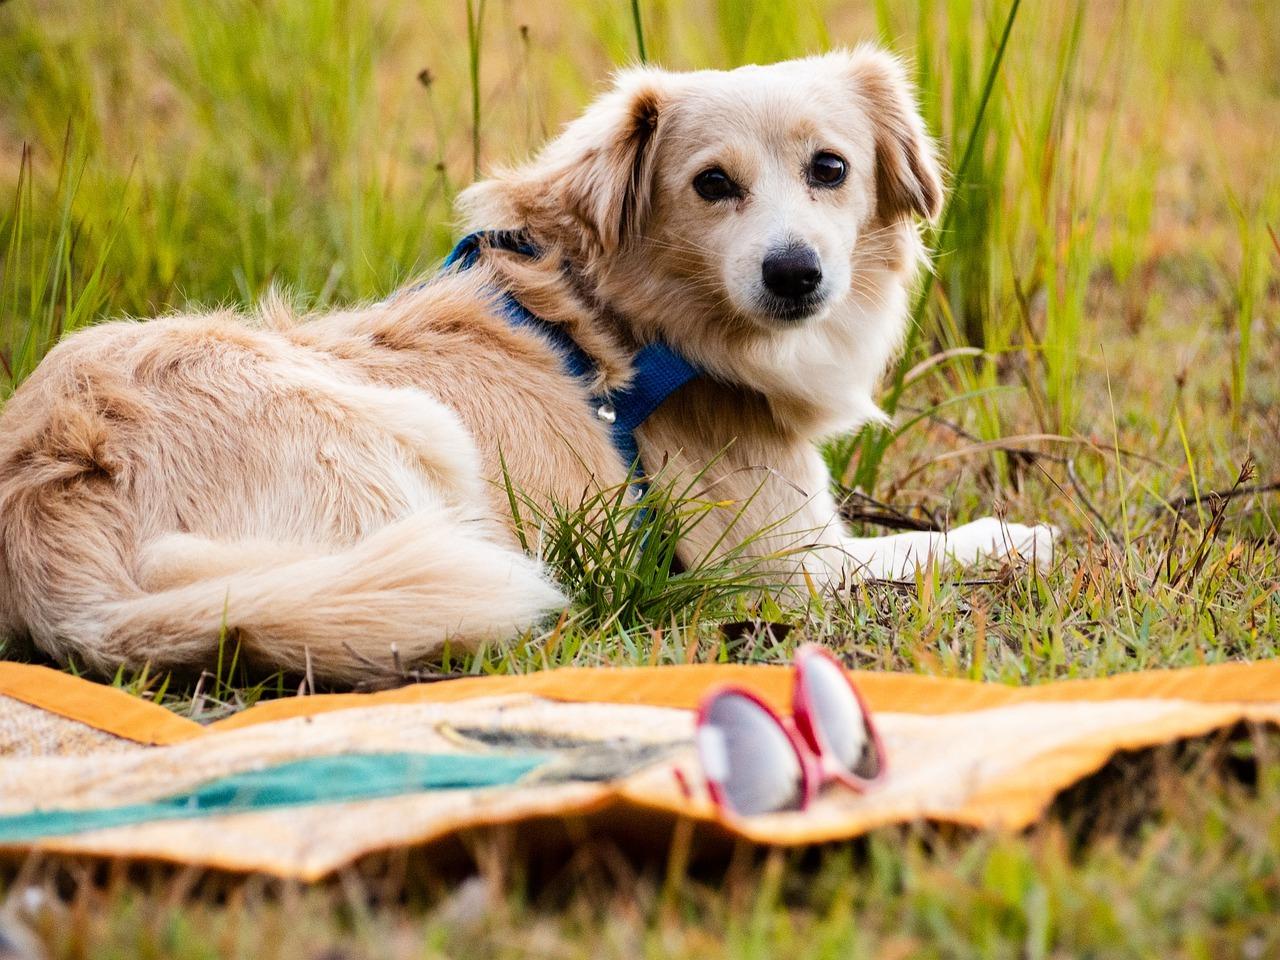 Alles voor honden bij dierenspeciaalzaak Bopets